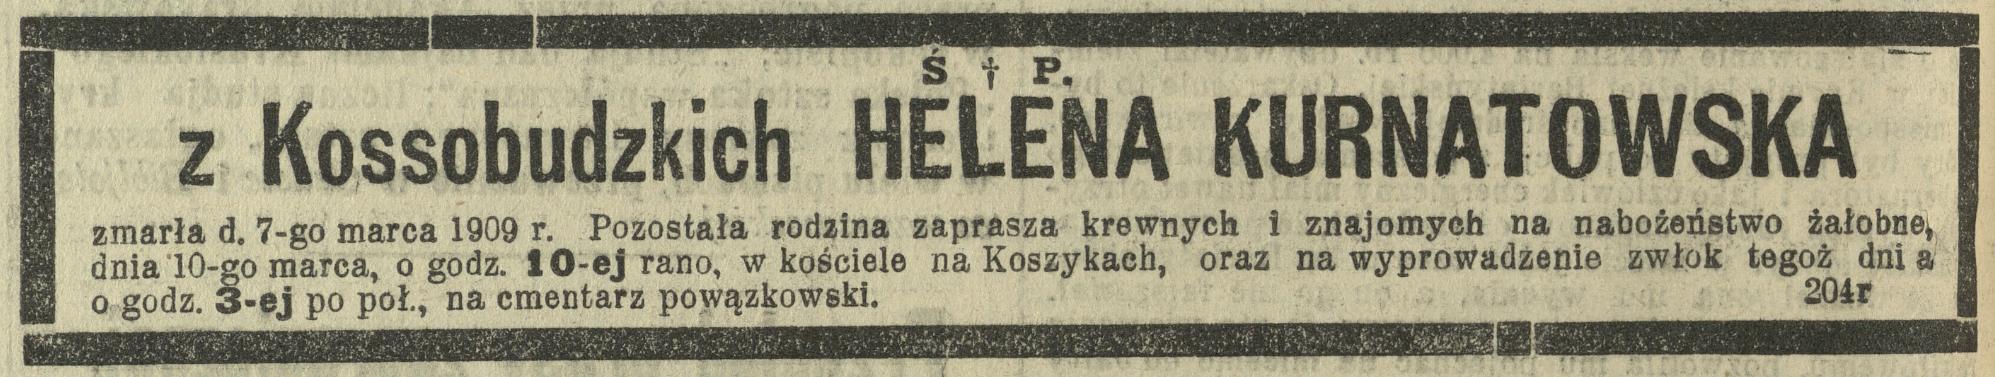 Helena z Kossobudzkich Kurnatowska www.sieniawscy.pl